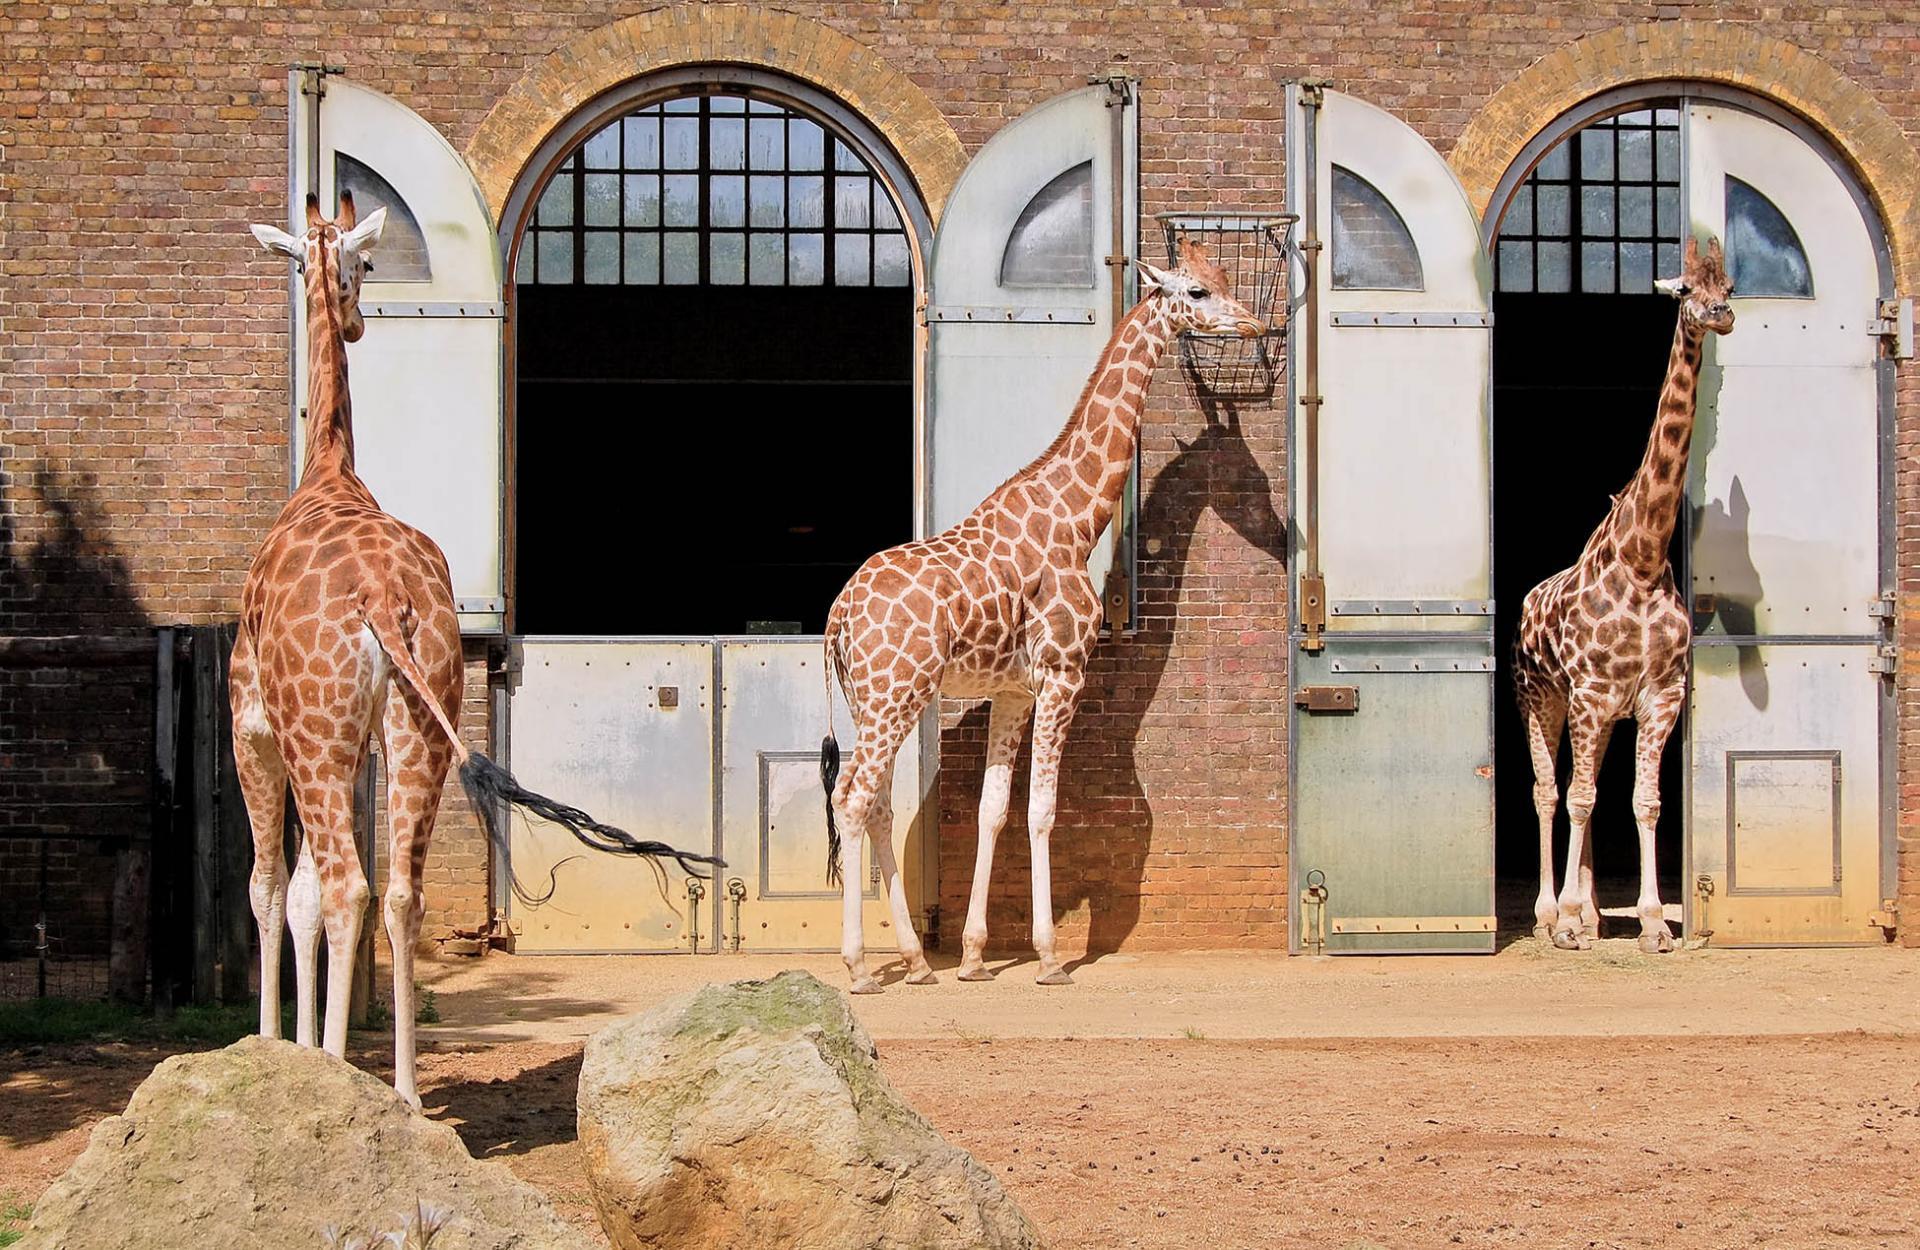 El Zoológico de Londres